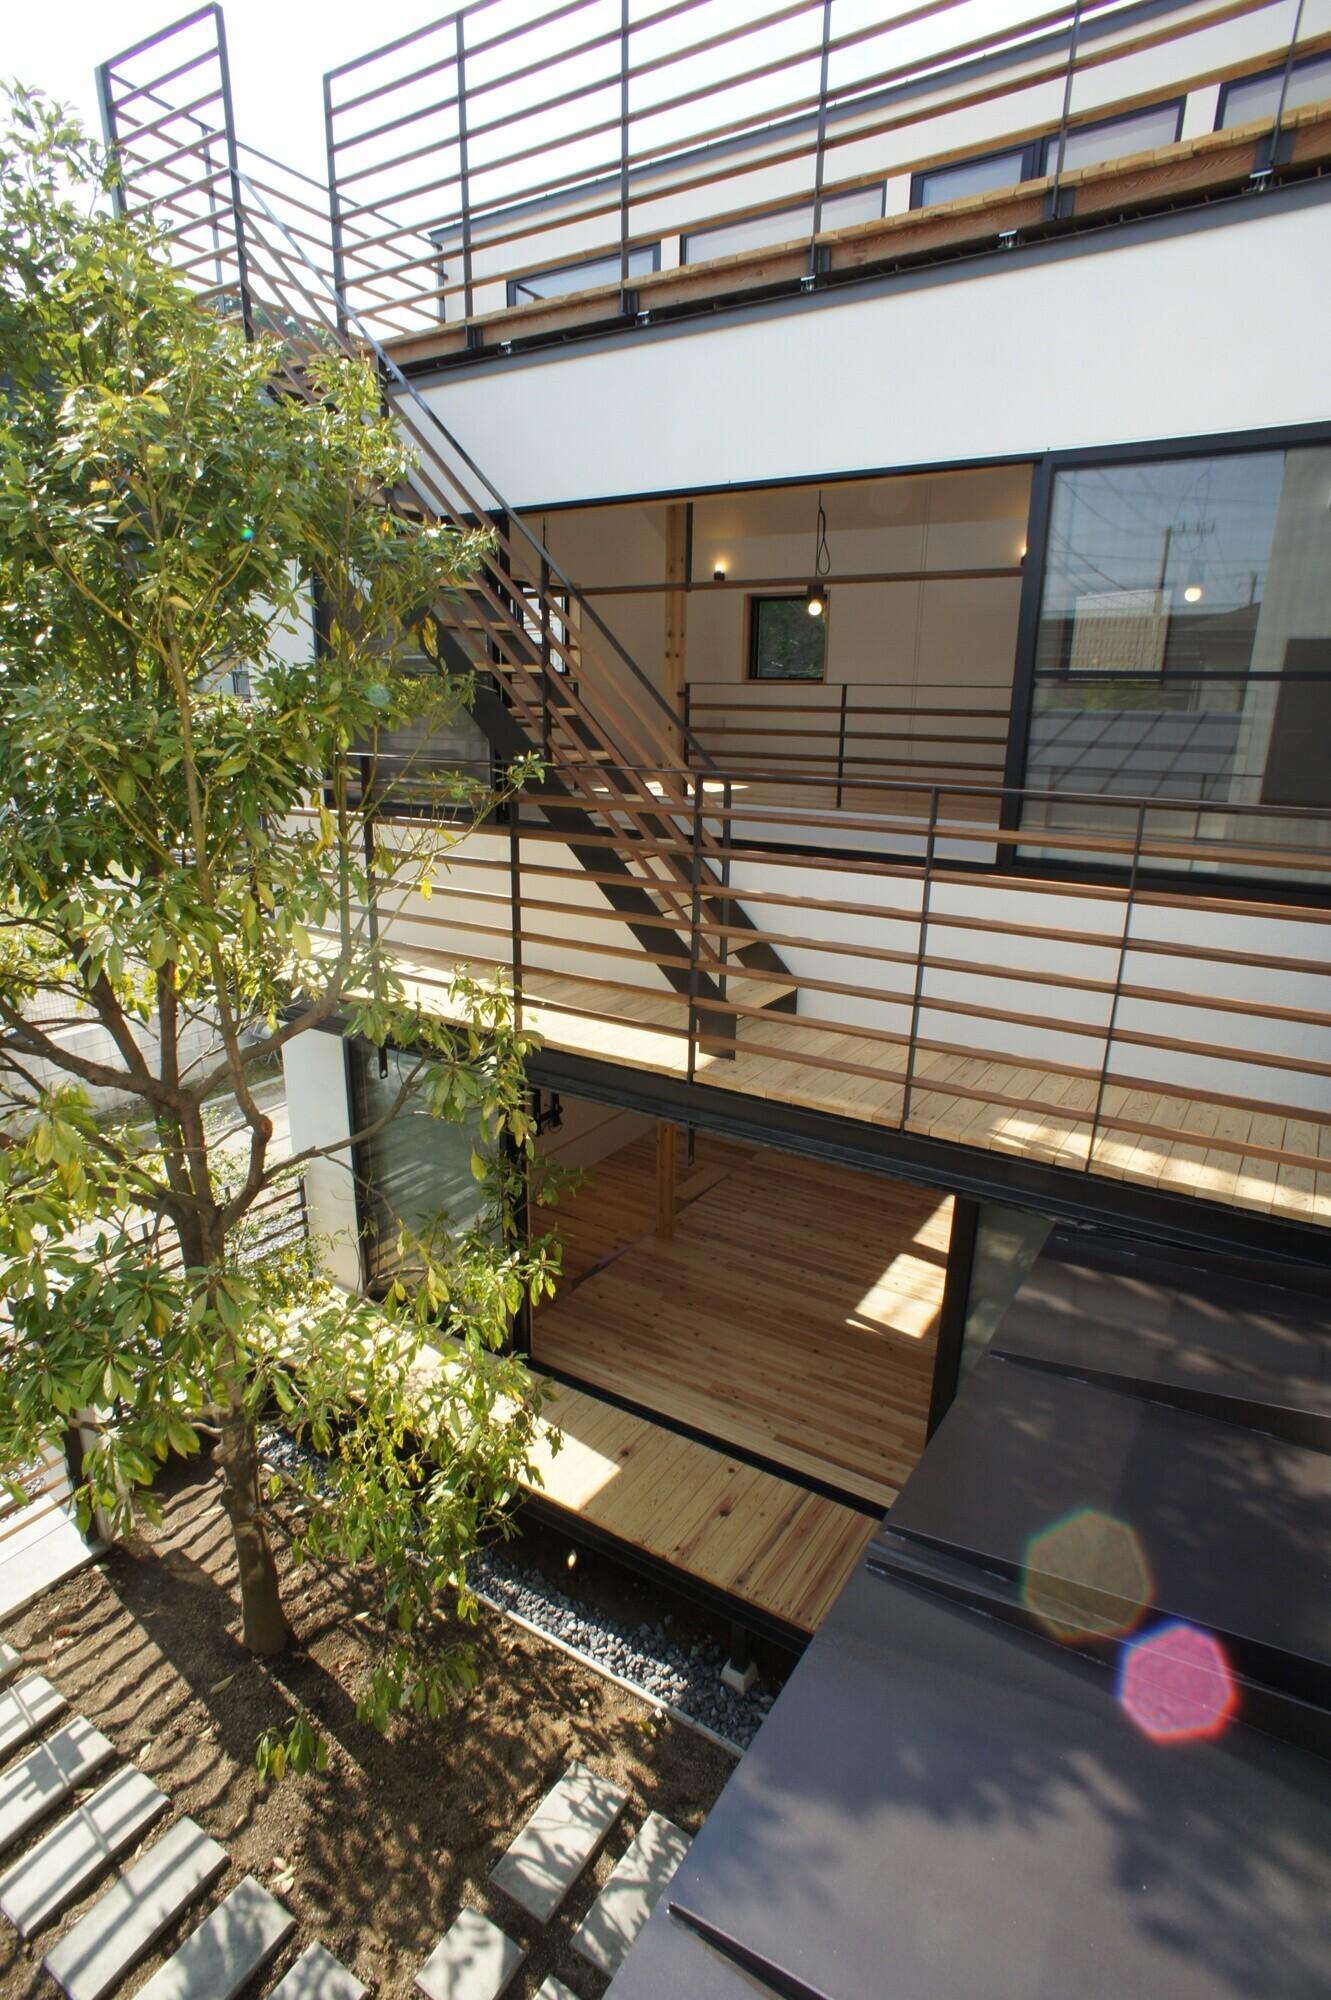 Kamakura130 / 中庭型の鎌倉の住宅の建築事例写真